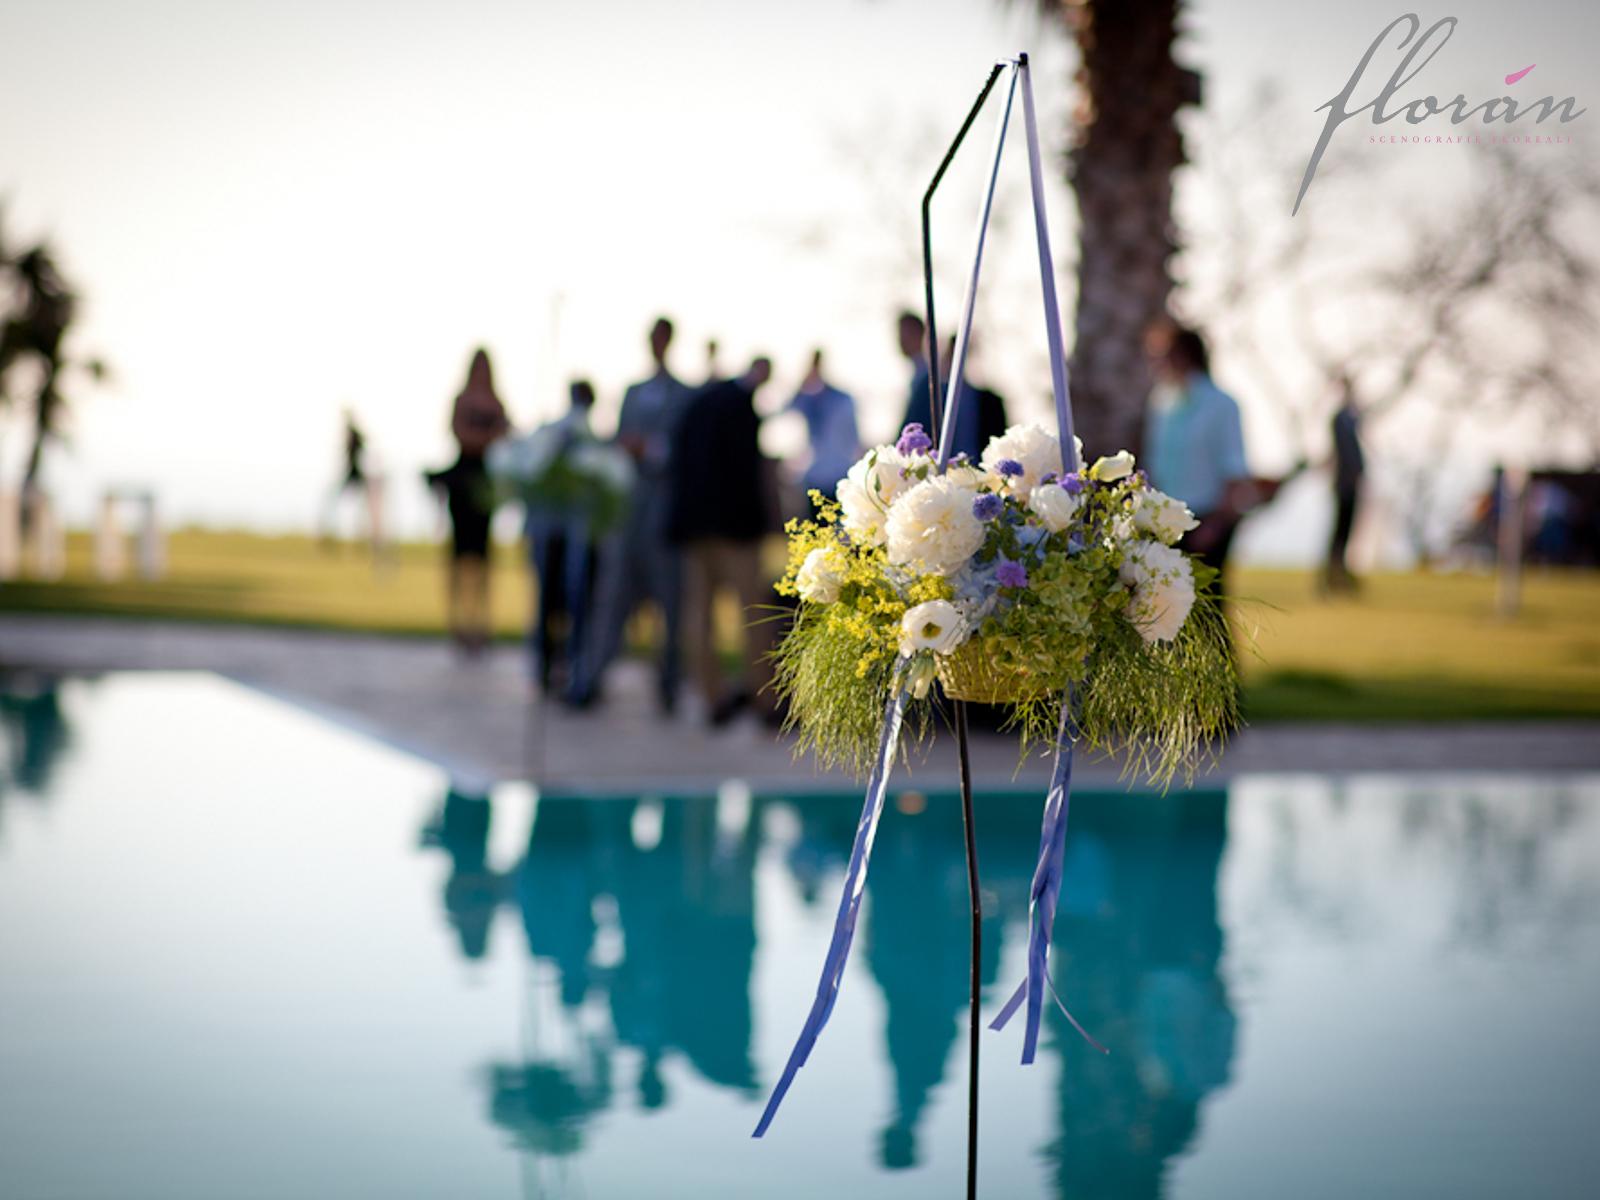 Matrimonio Spiaggia Abruzzo : Matrimonio spiaggia abruzzo pescara celebrato il primo